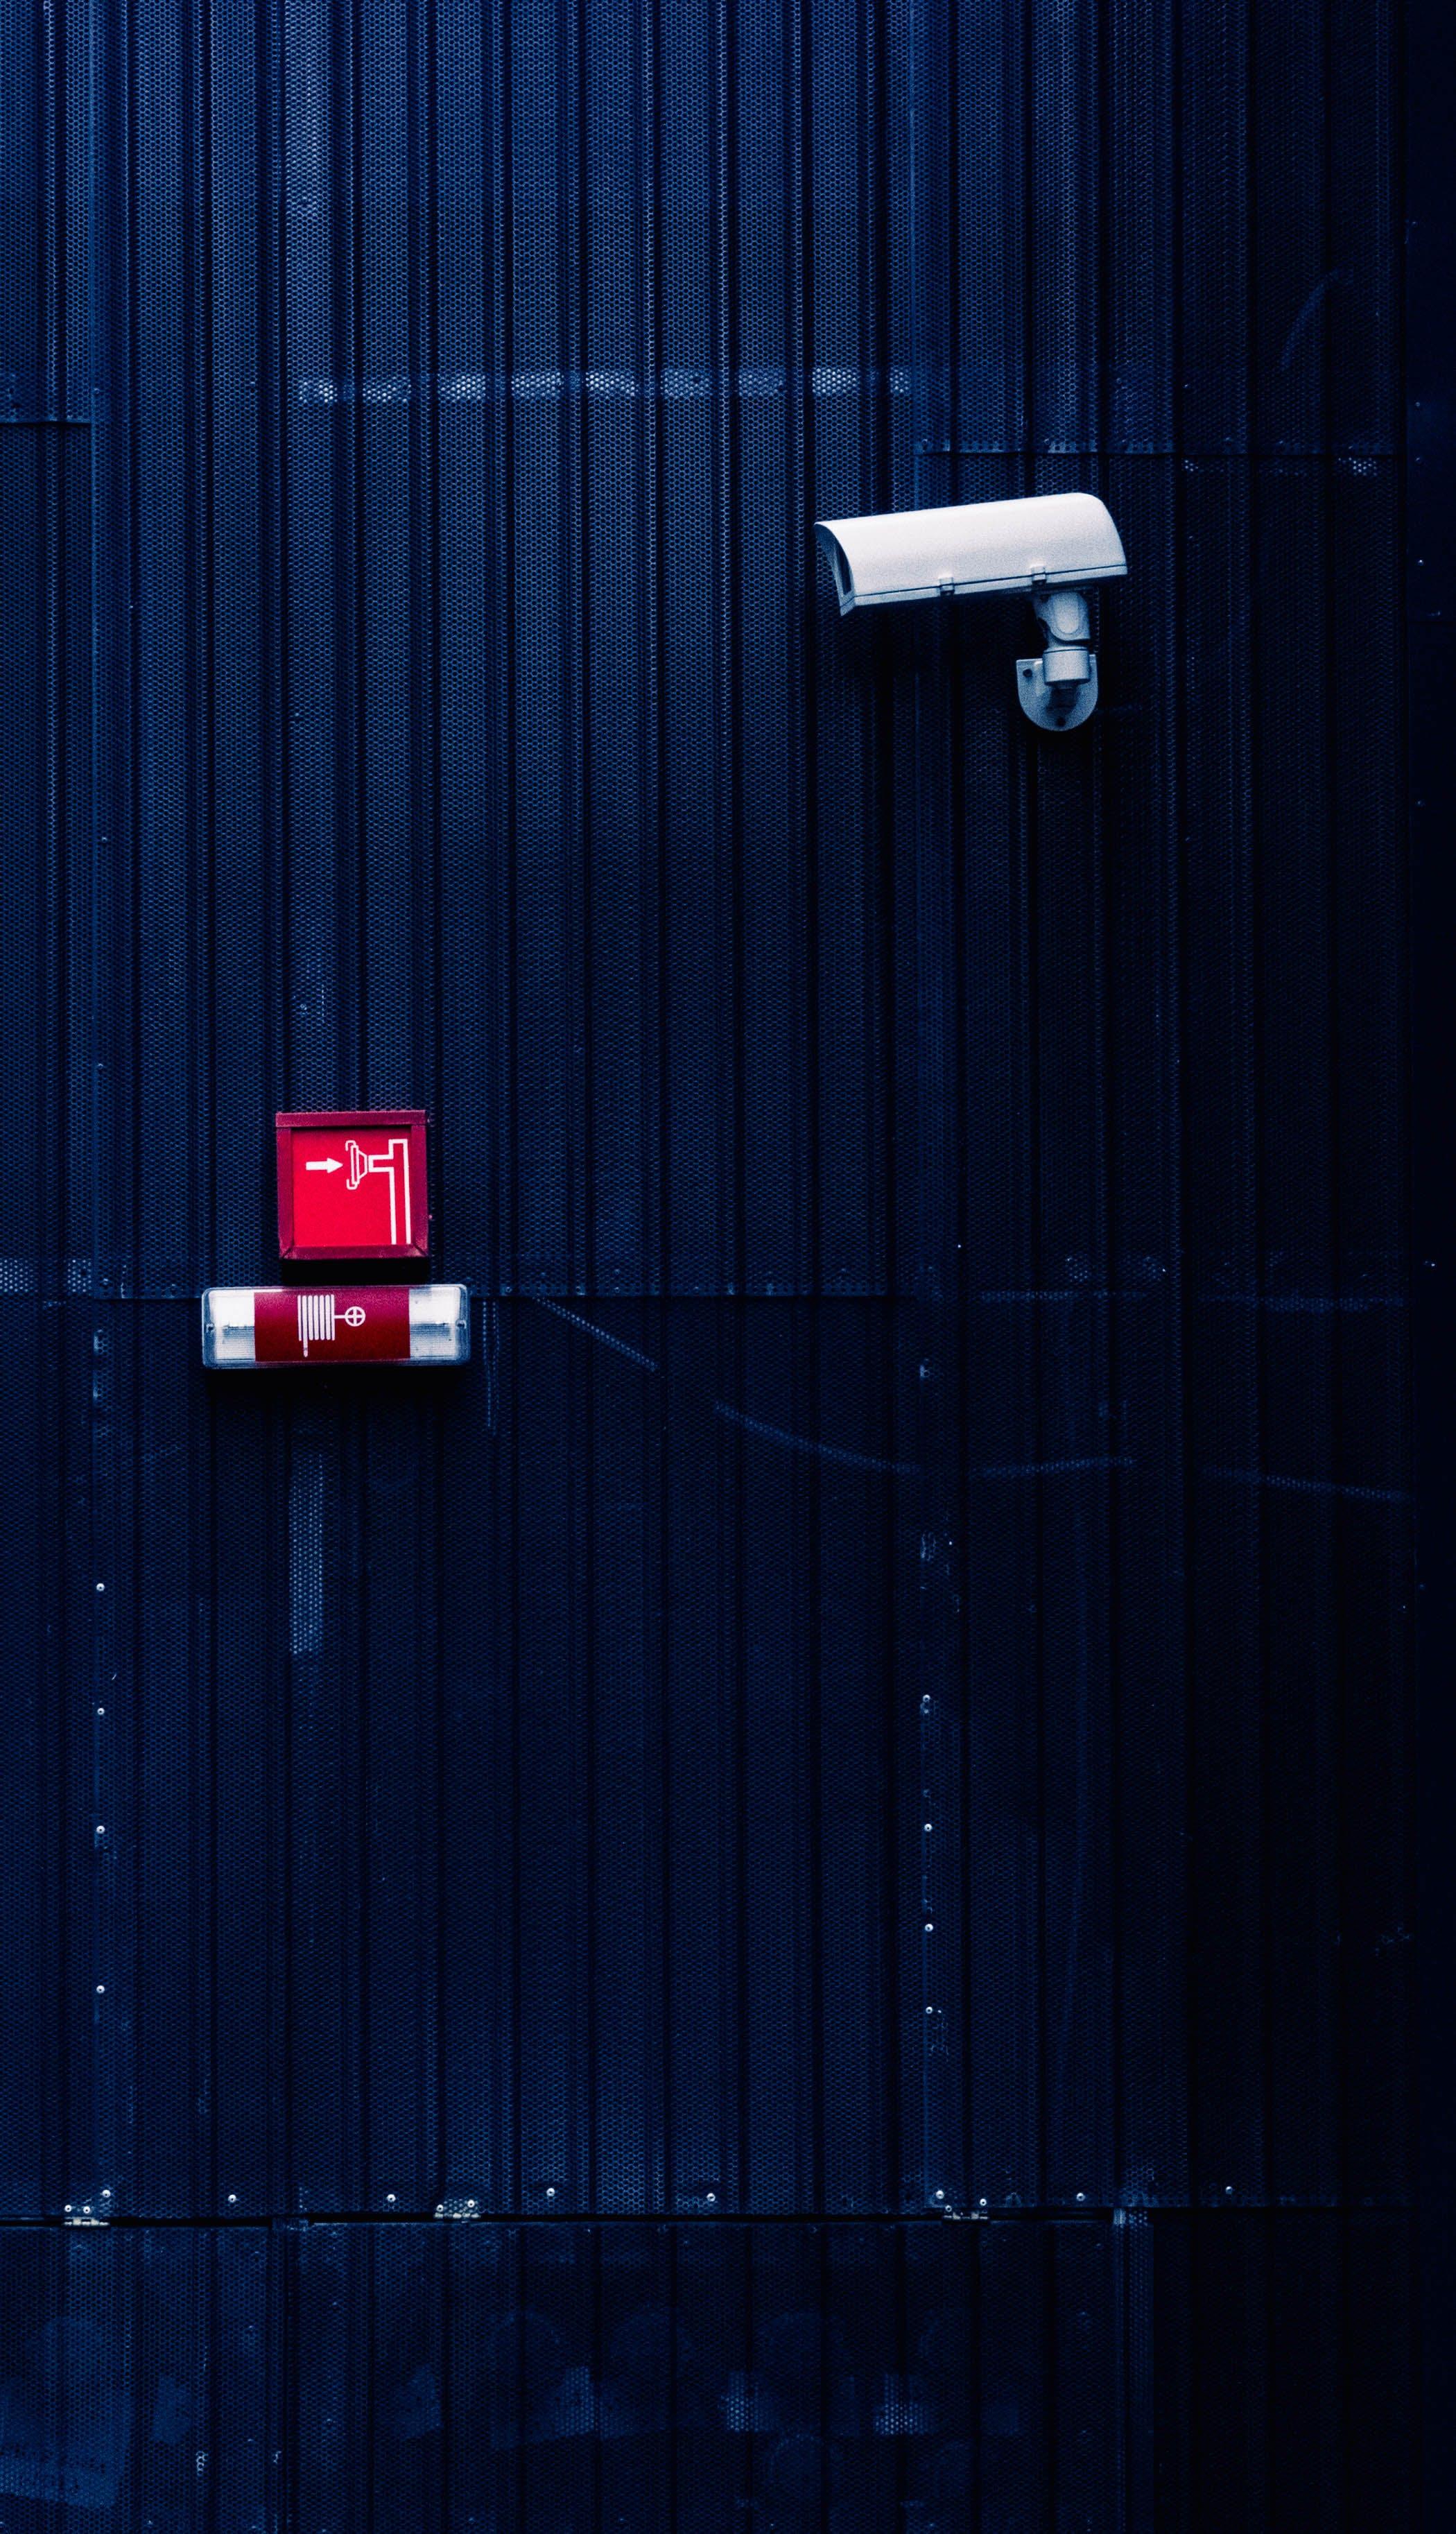 Fotos de stock gratuitas de cámara de seguridad, equipo electrónico, moderno, muro